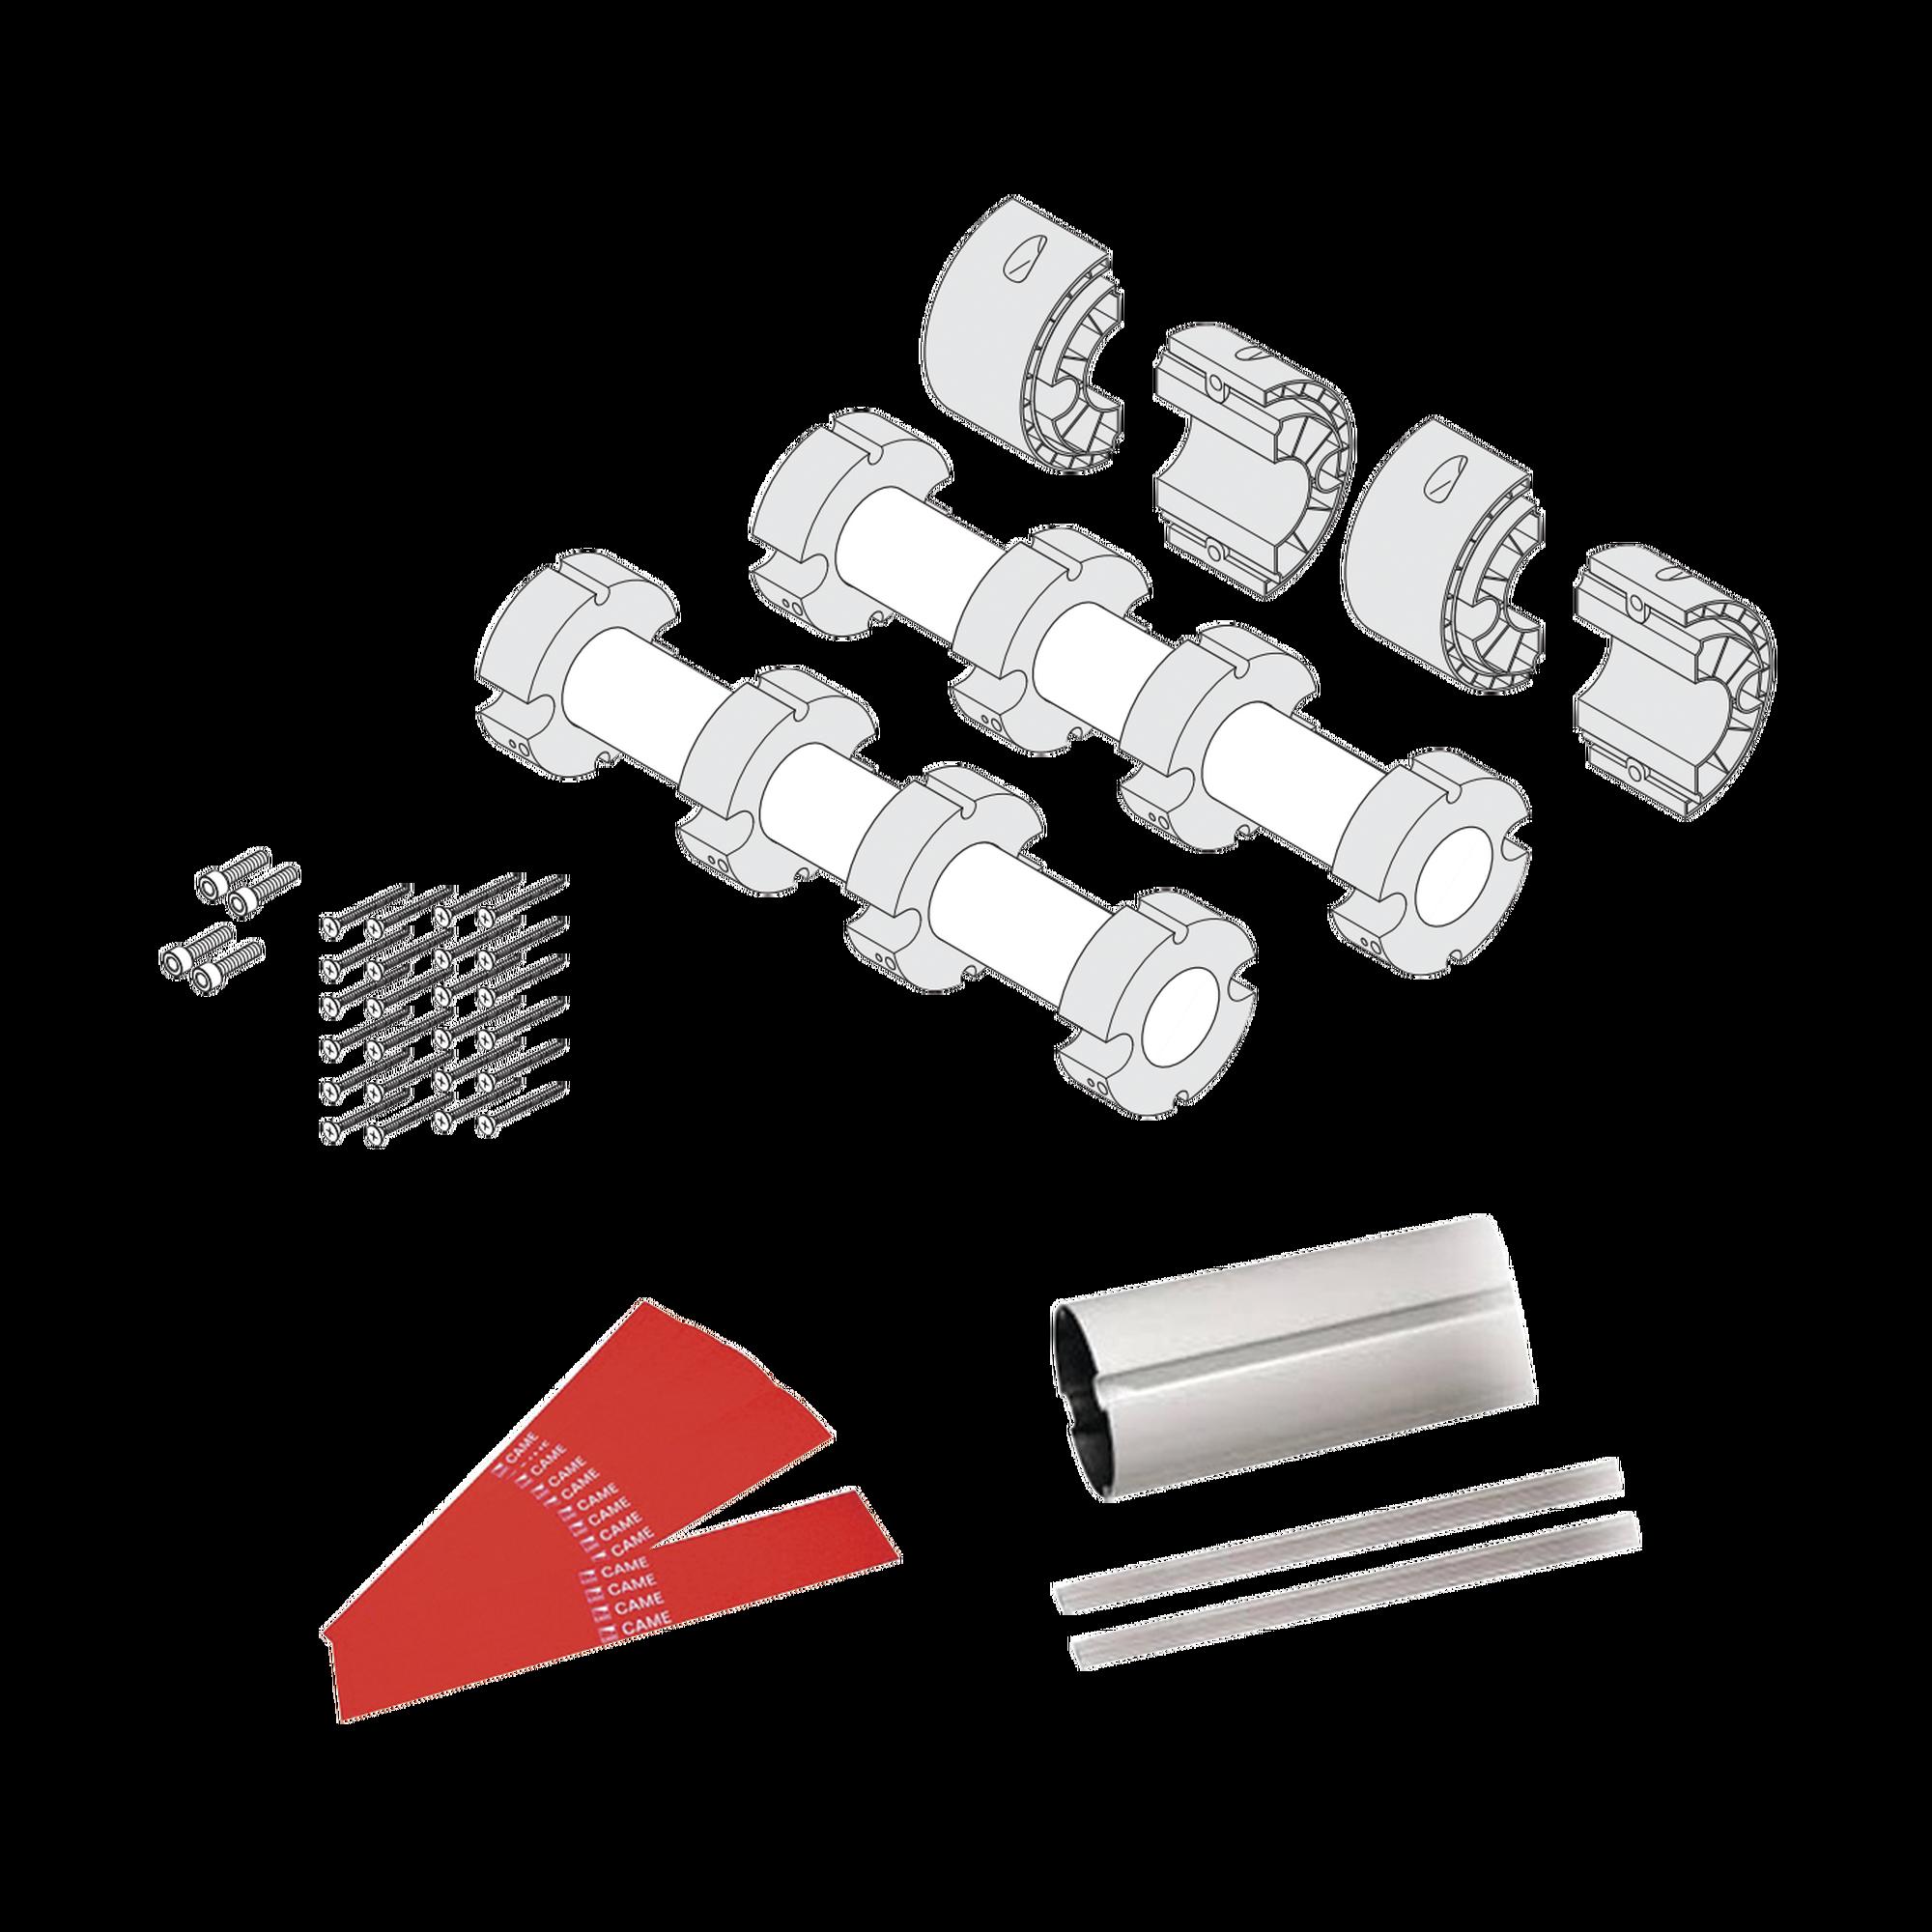 Kit de mástil para barreras GARD8 / Incluye 2 secciones tubulares de 4m / Incluye tiras reflejantes / Incluye unión central